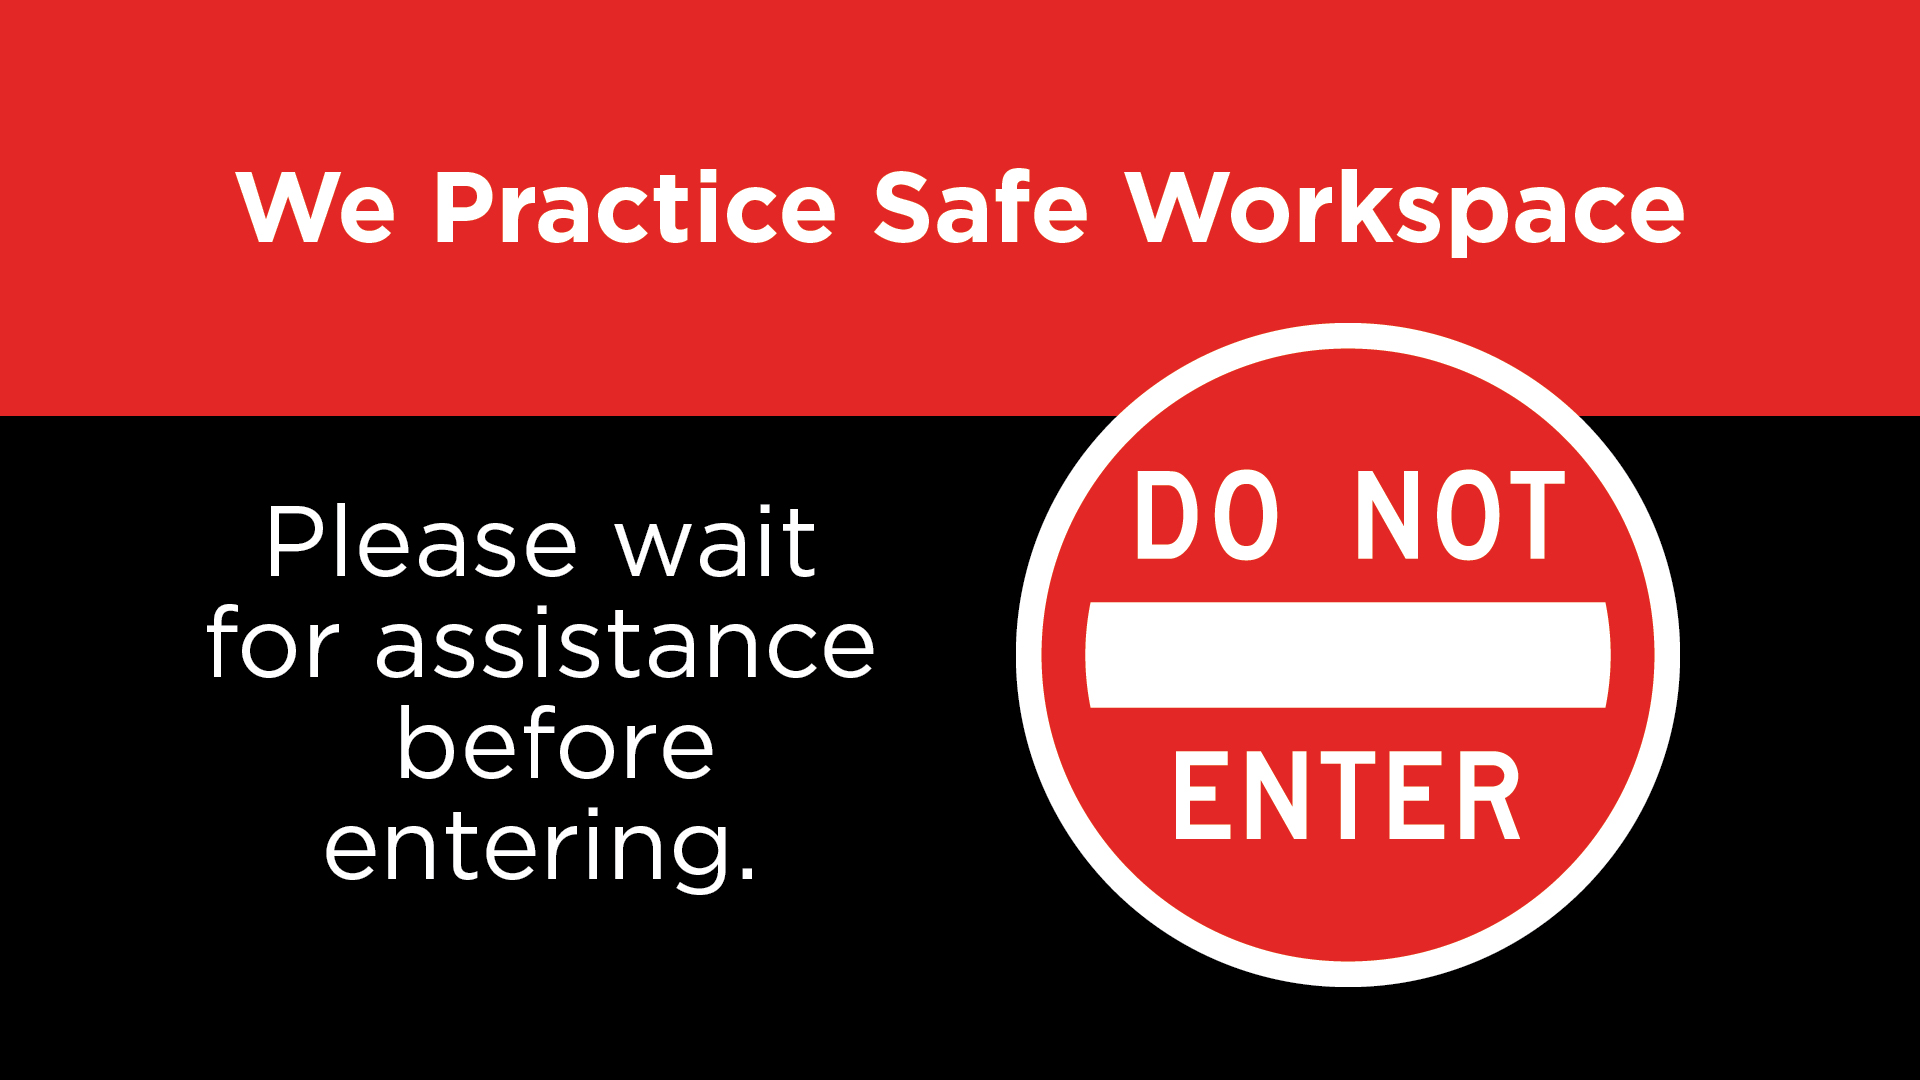 Safe Workspace - Do Not Enter Digital Signage Image